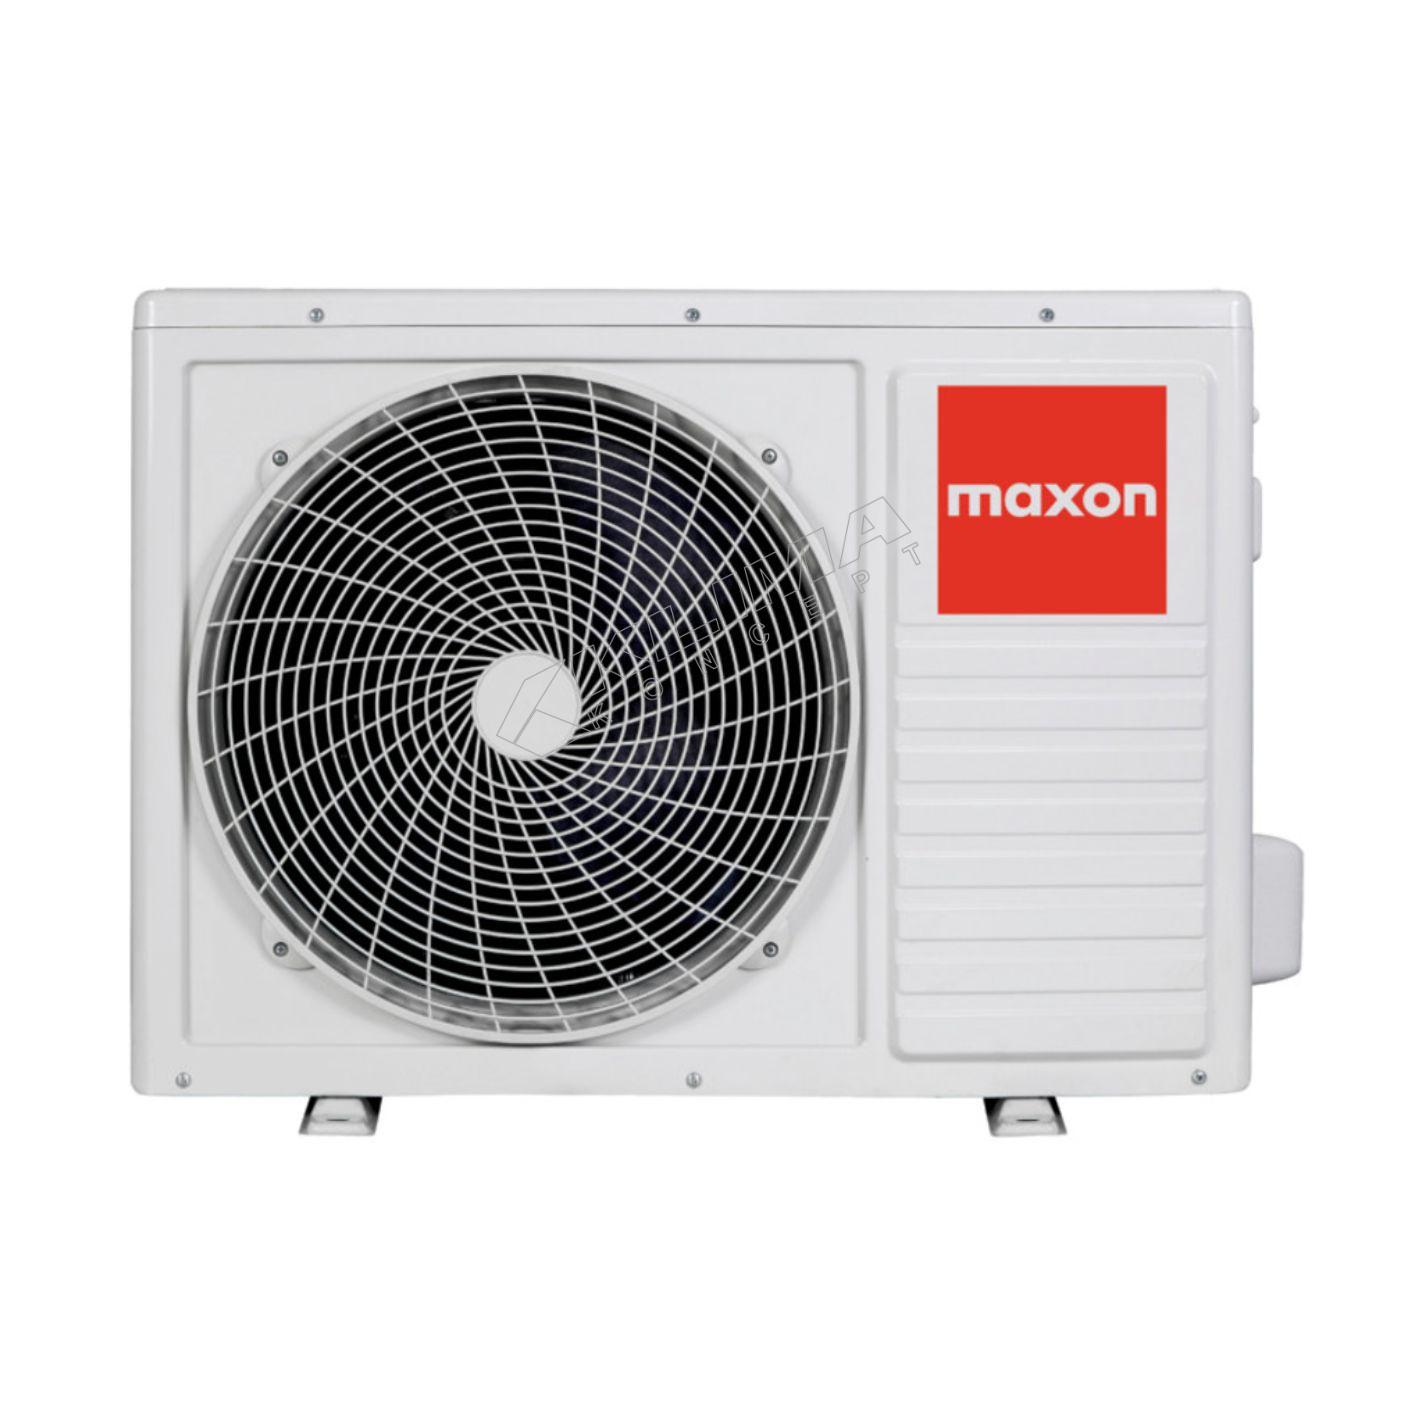 MAXON KLIMA UREĐAJ COMFORT R32 MAXON27